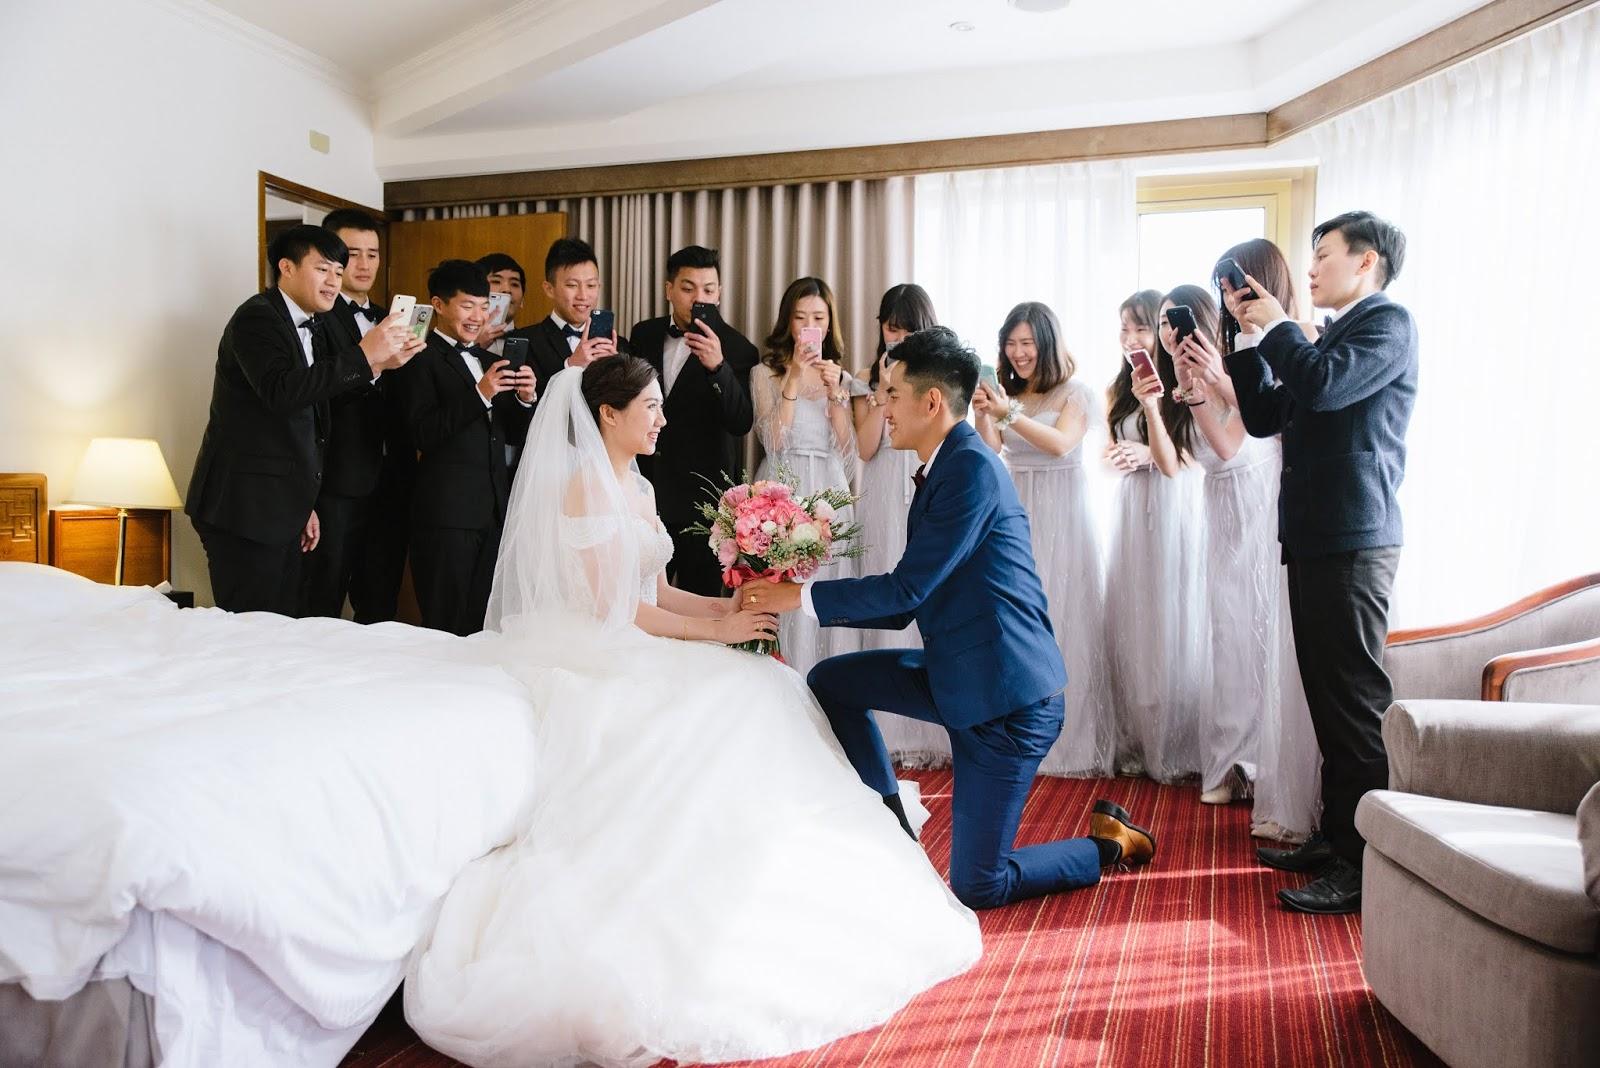 台中婚攝 婚攝推薦 台中福華 Howard-Hotels 定結午宴 Y&L